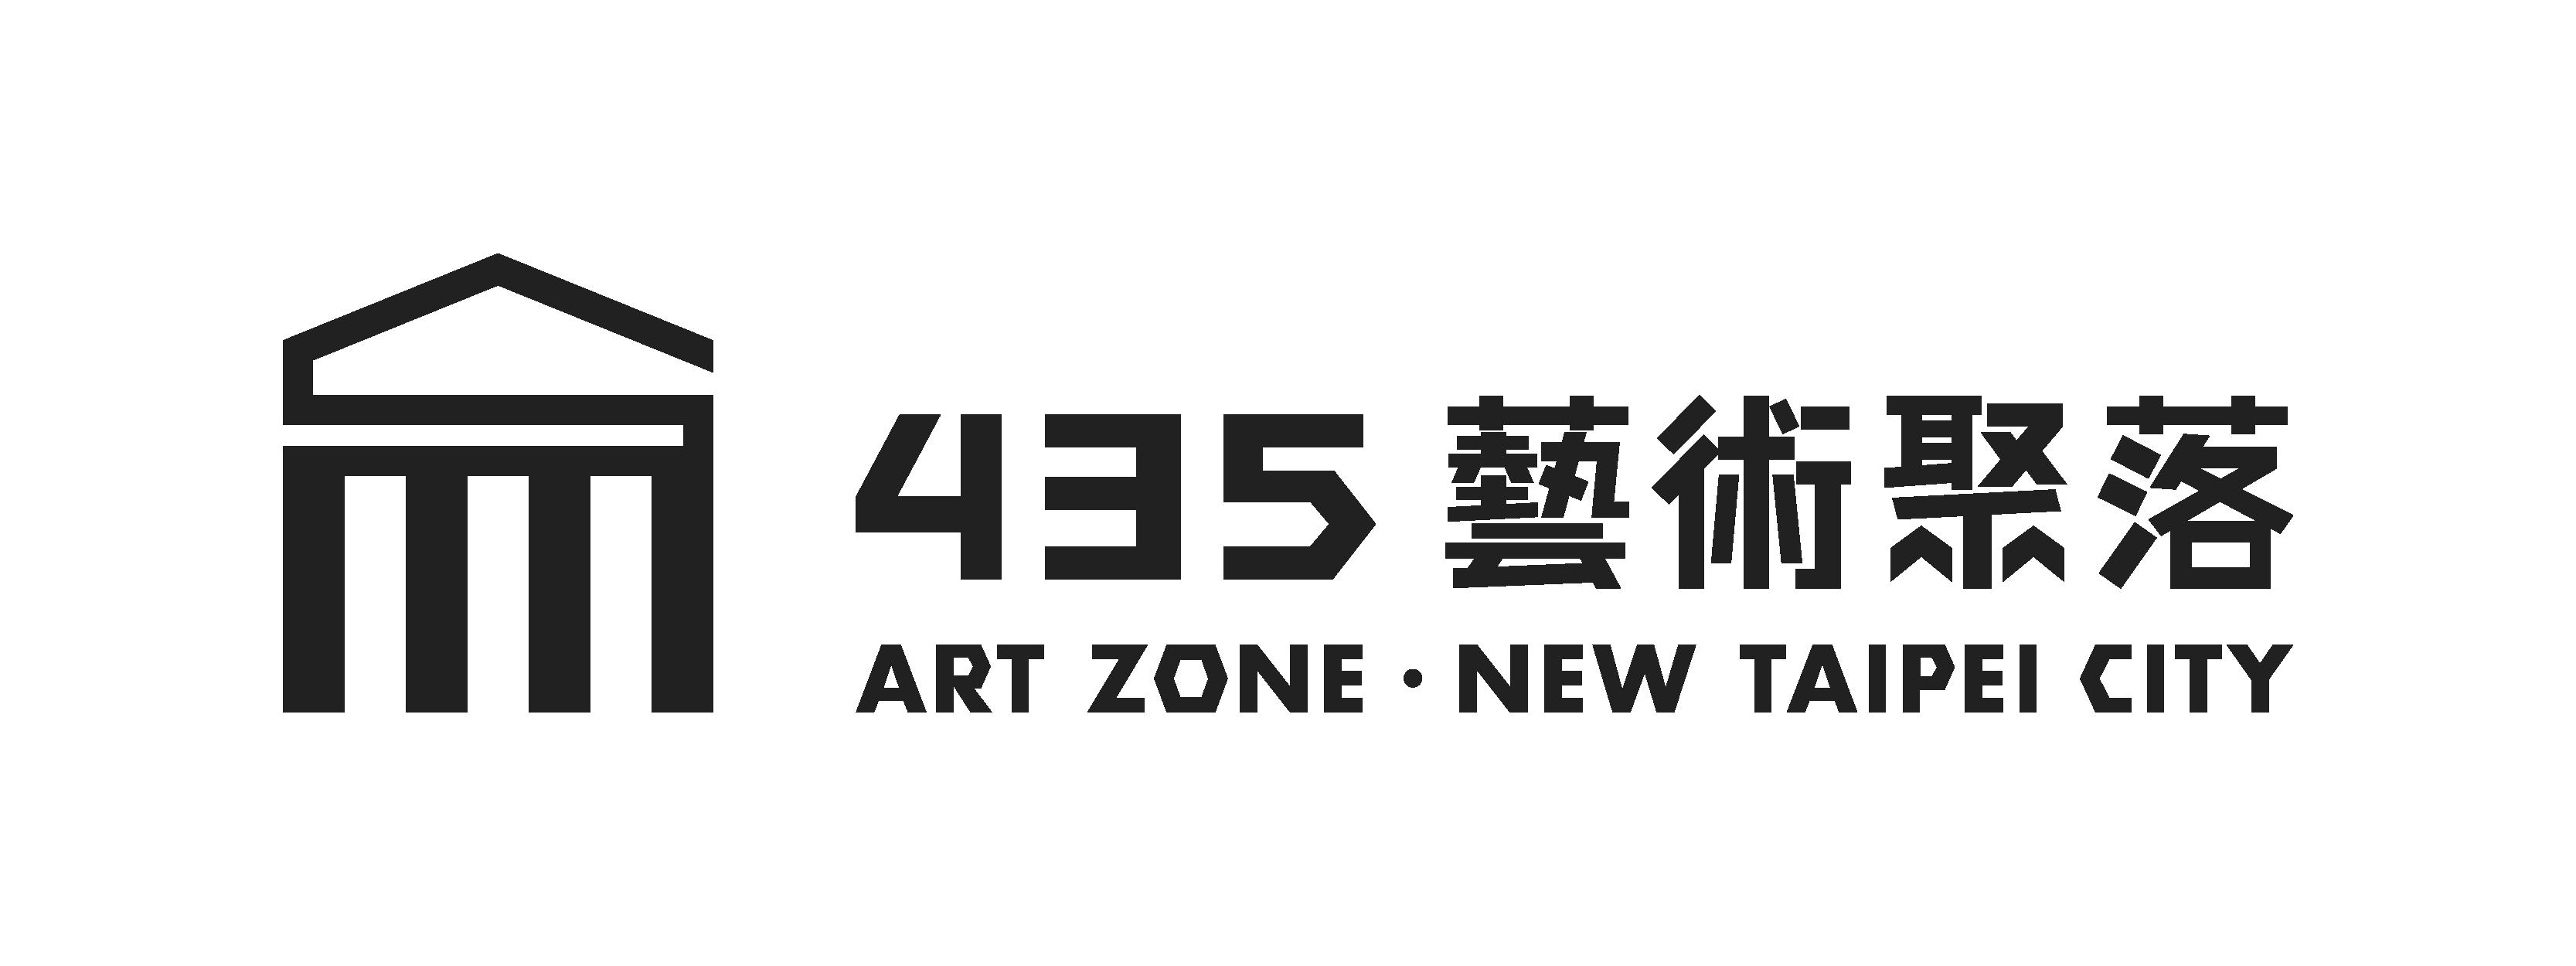 435藝術聚落簡介